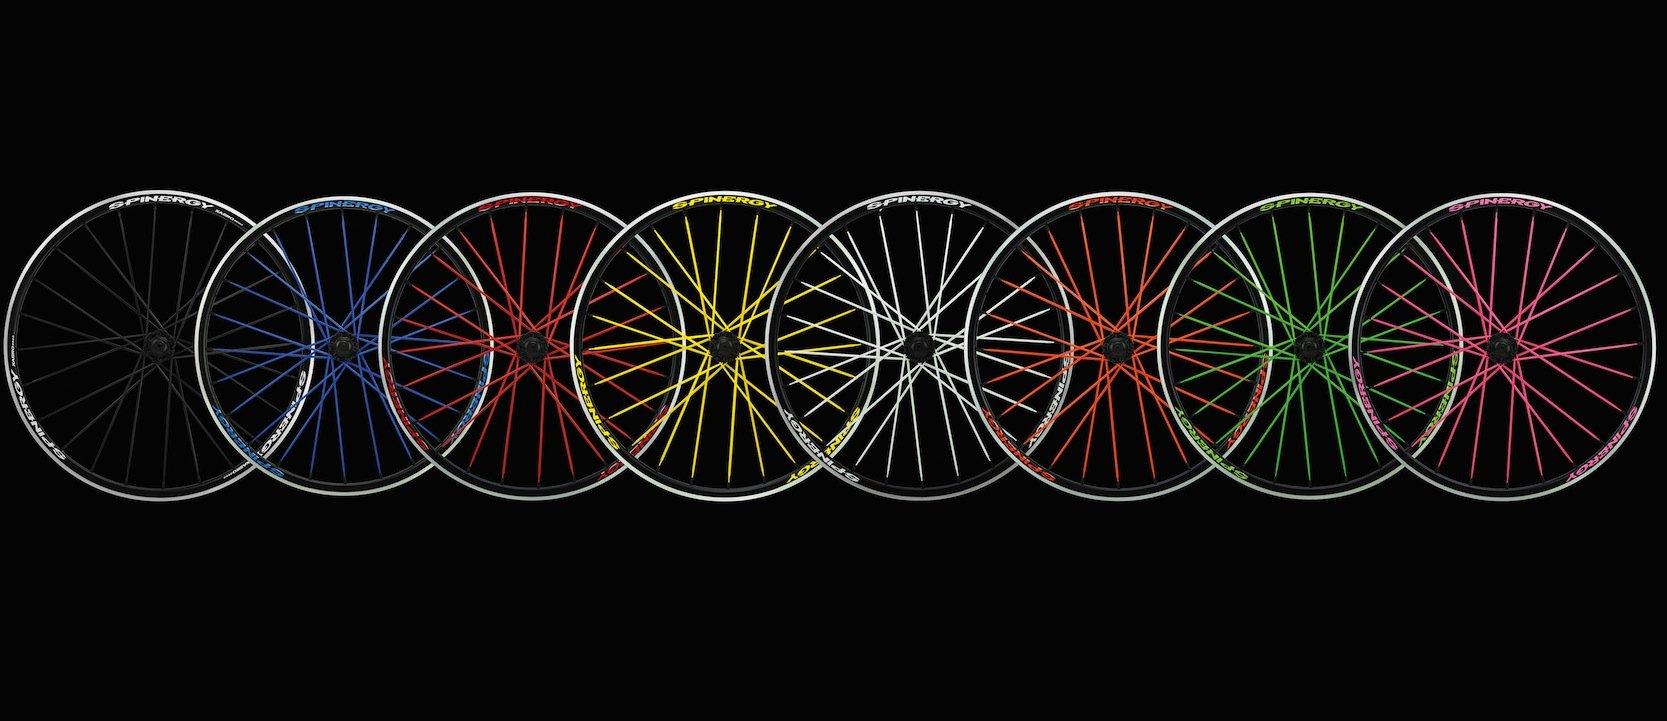 Farbige Laufräder vonSpinergy: Speichen aus Stahl wiegen zwischen 4 und 6 g. Speichen aus Hightechn-Fasern sind nur halb so schwer.